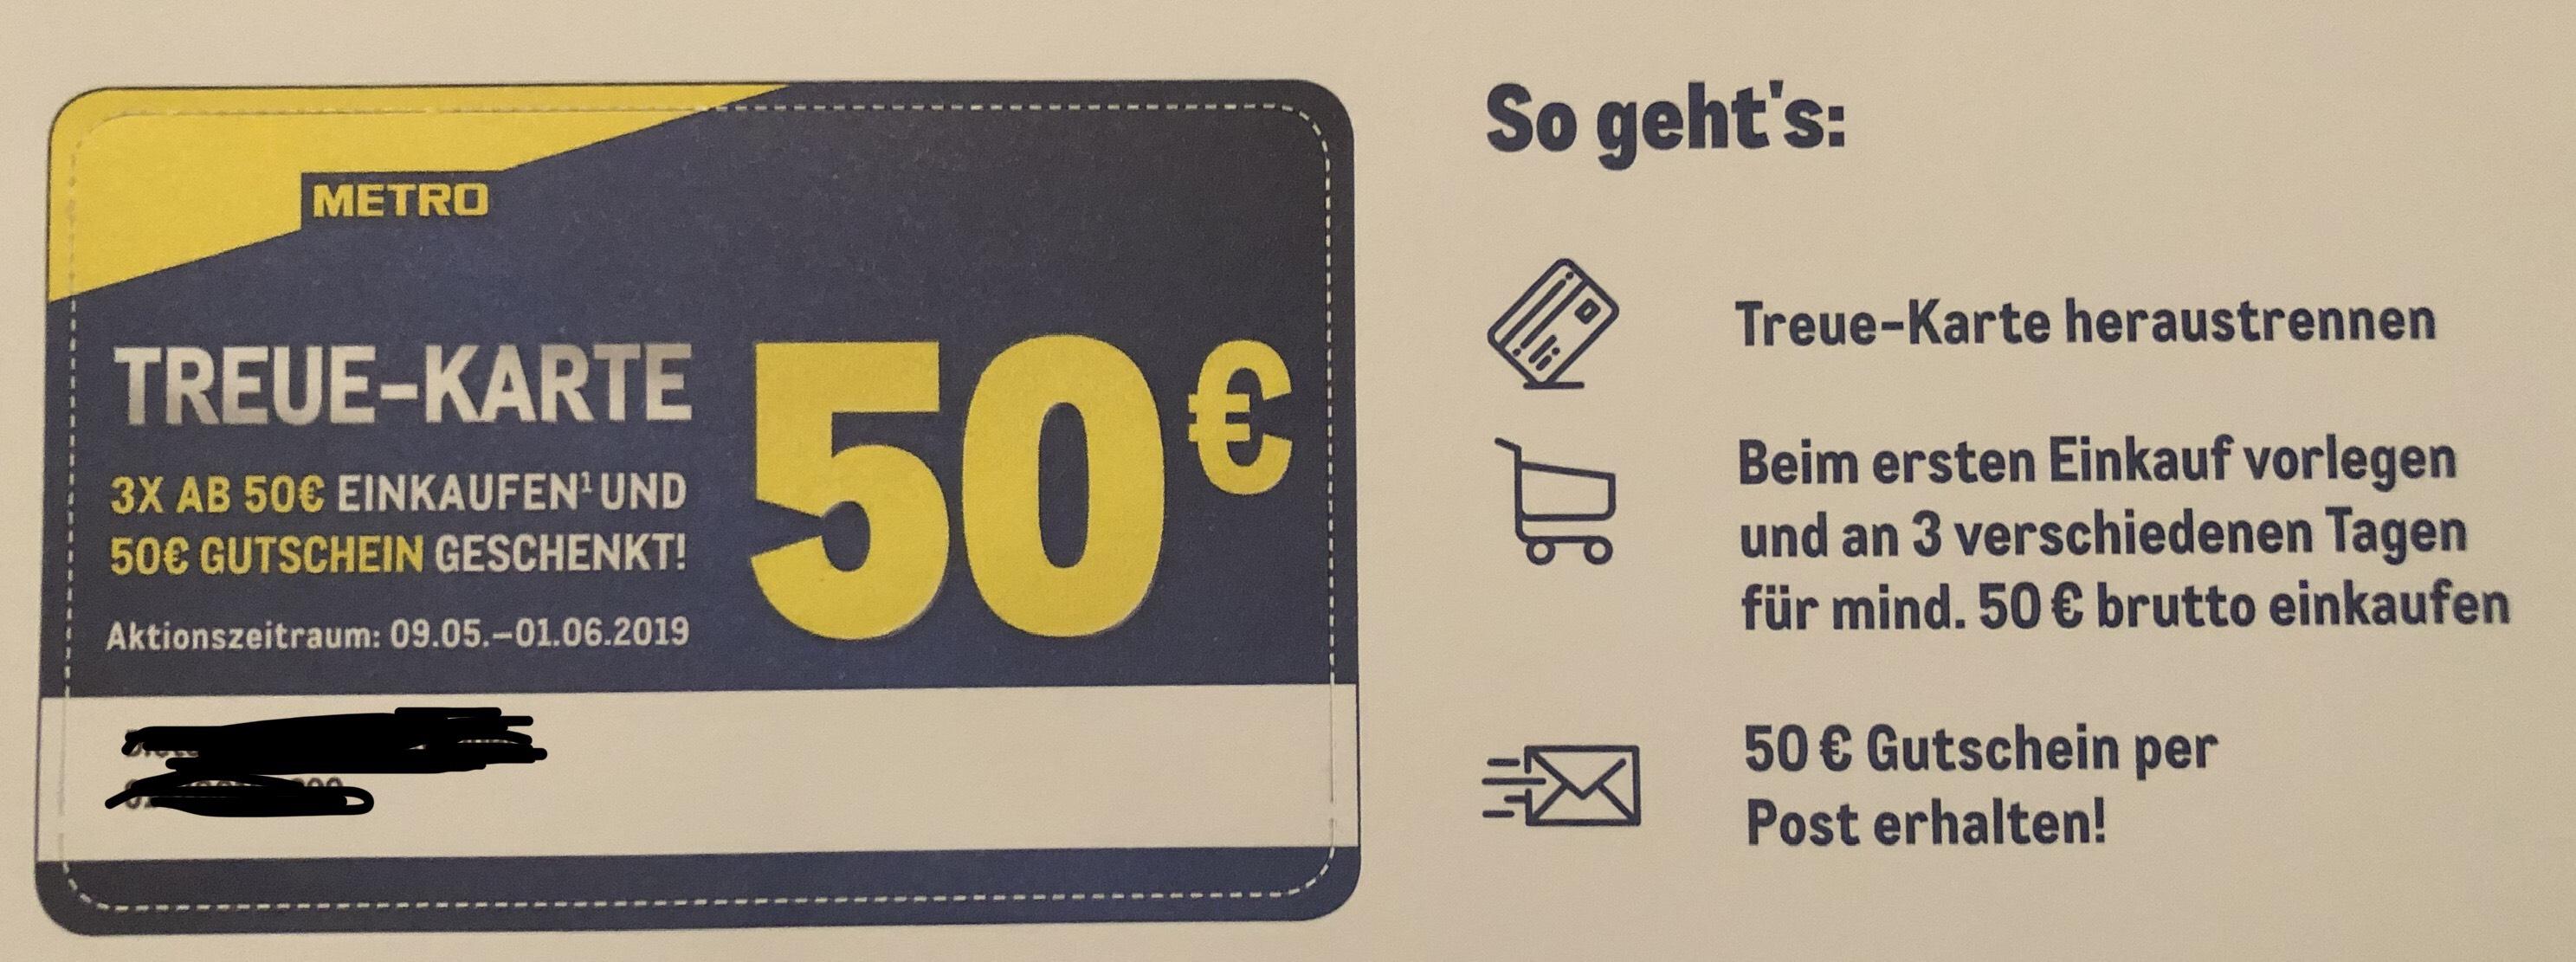 Metro 50€ geschenkt für 155€ Einsatz/ Umsatz bzw. 200€ AMAZON Guthaben möglich